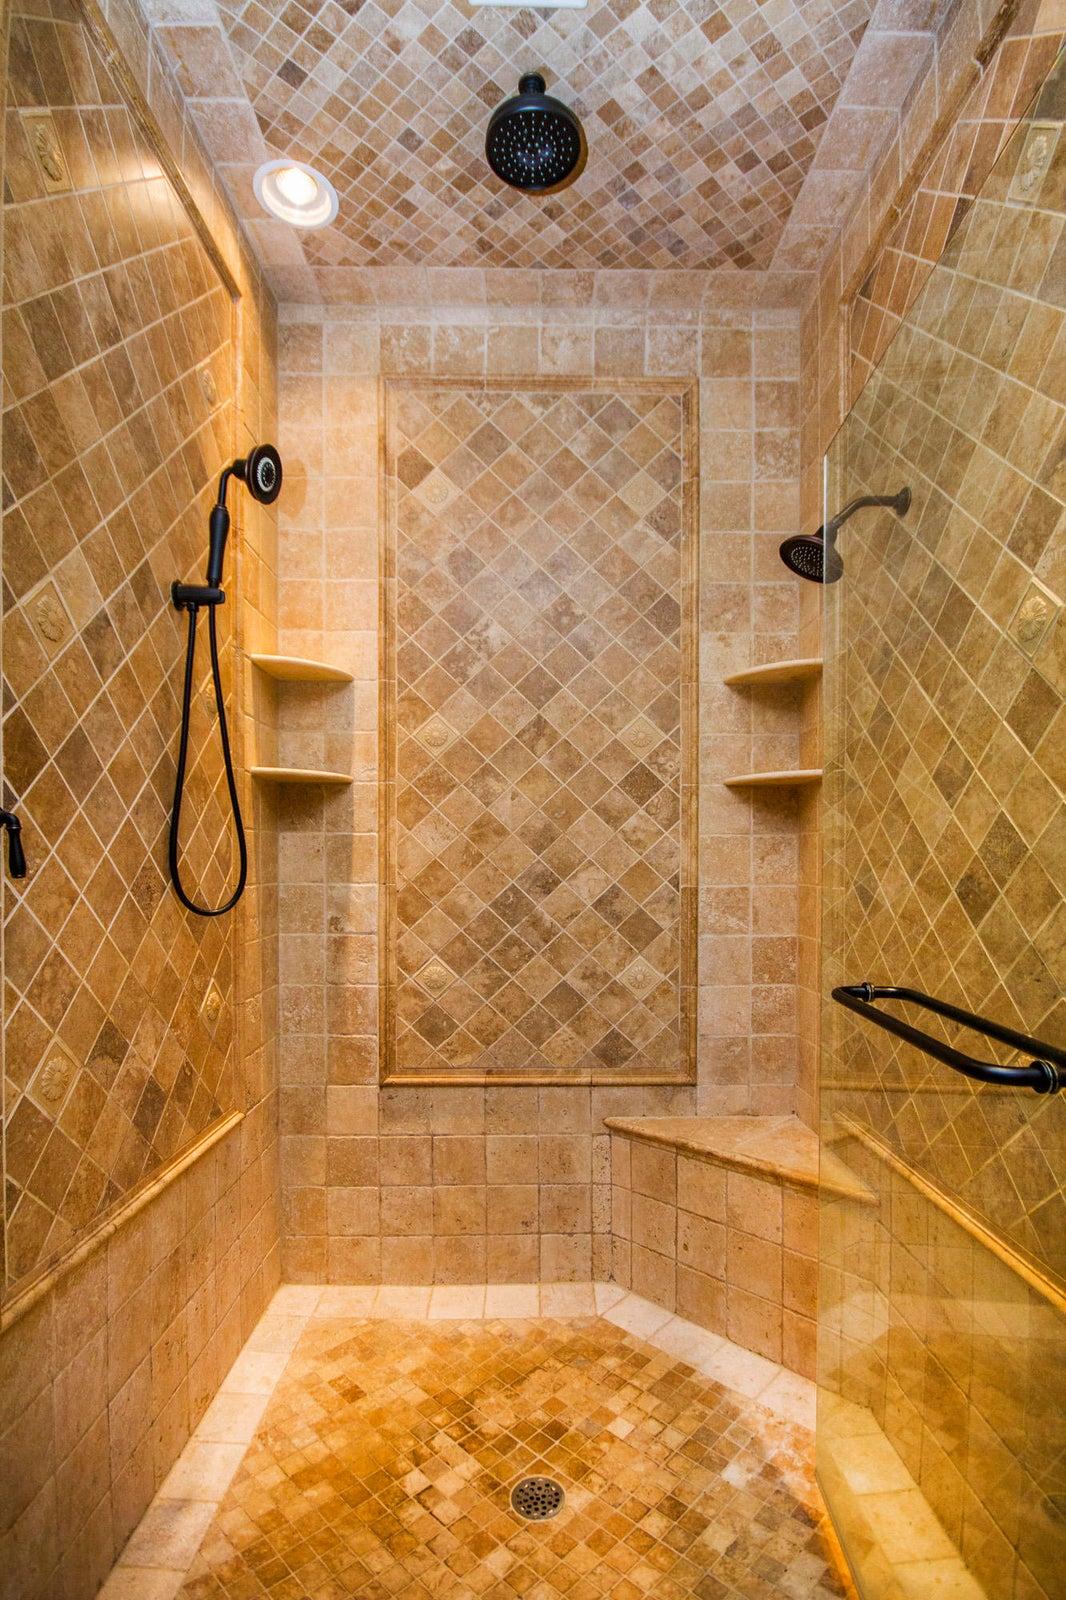 Luxury Fully Tiled Shower!